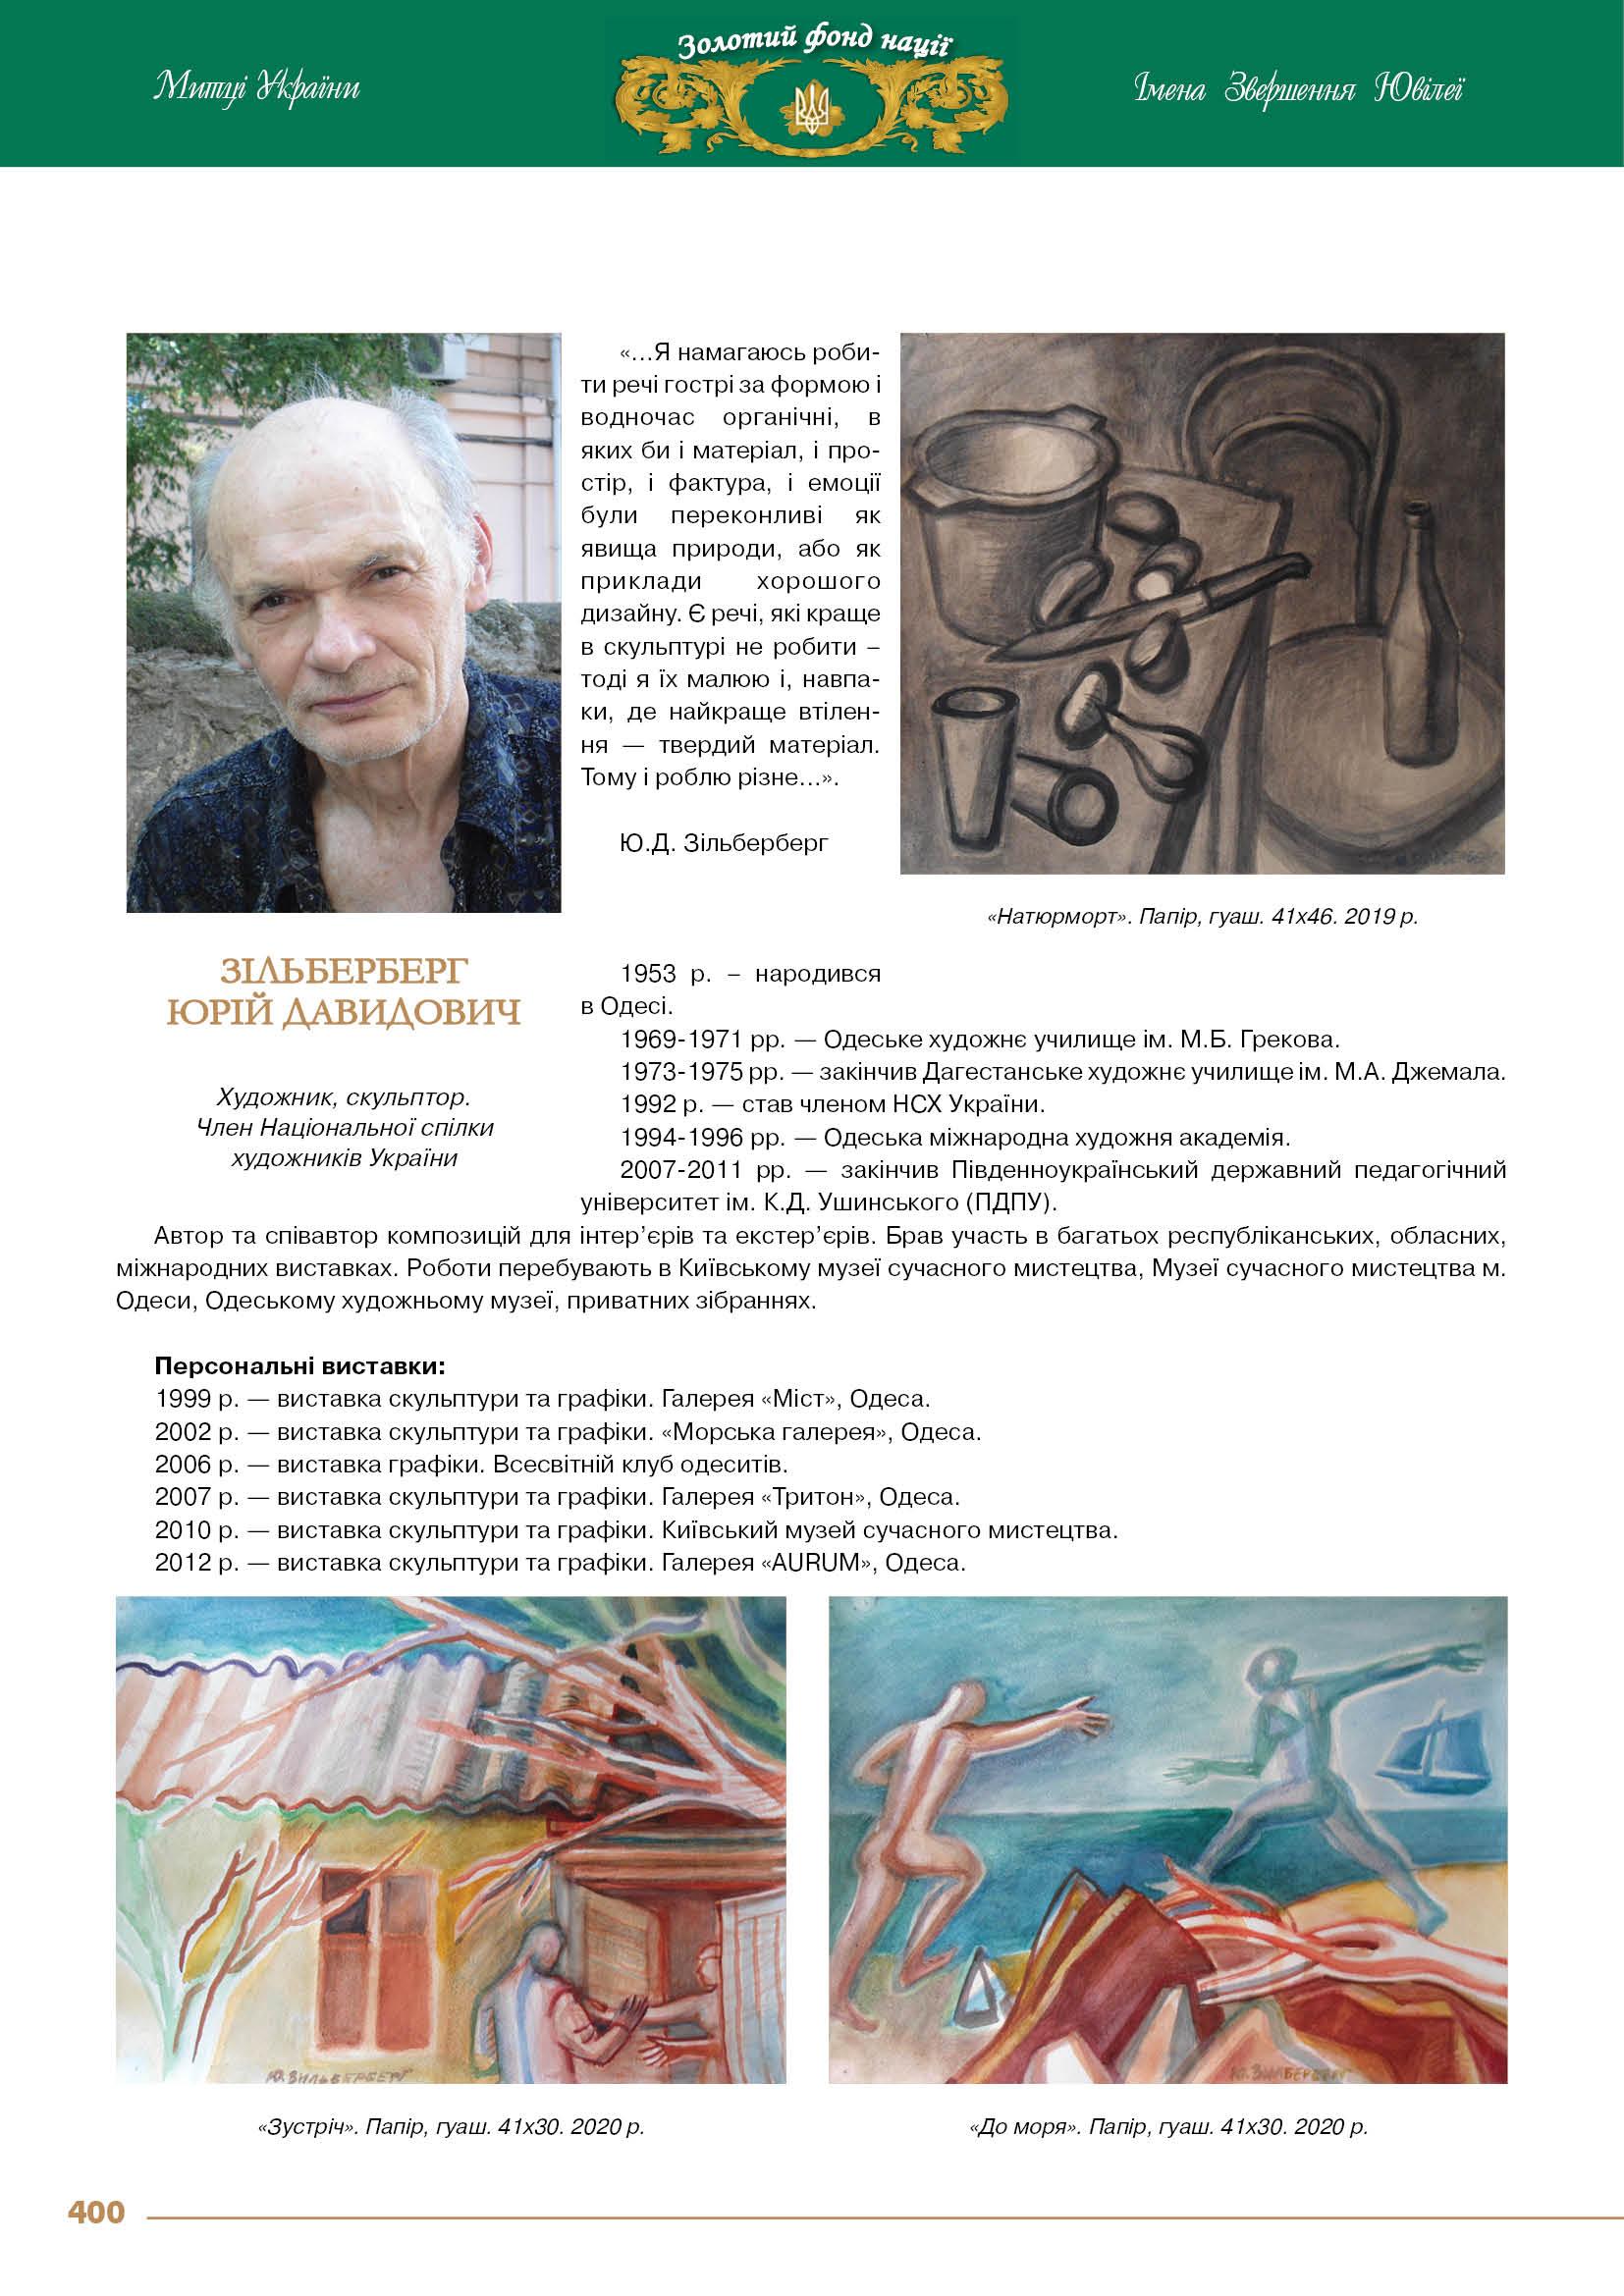 Зільберберг Юрій Давидович